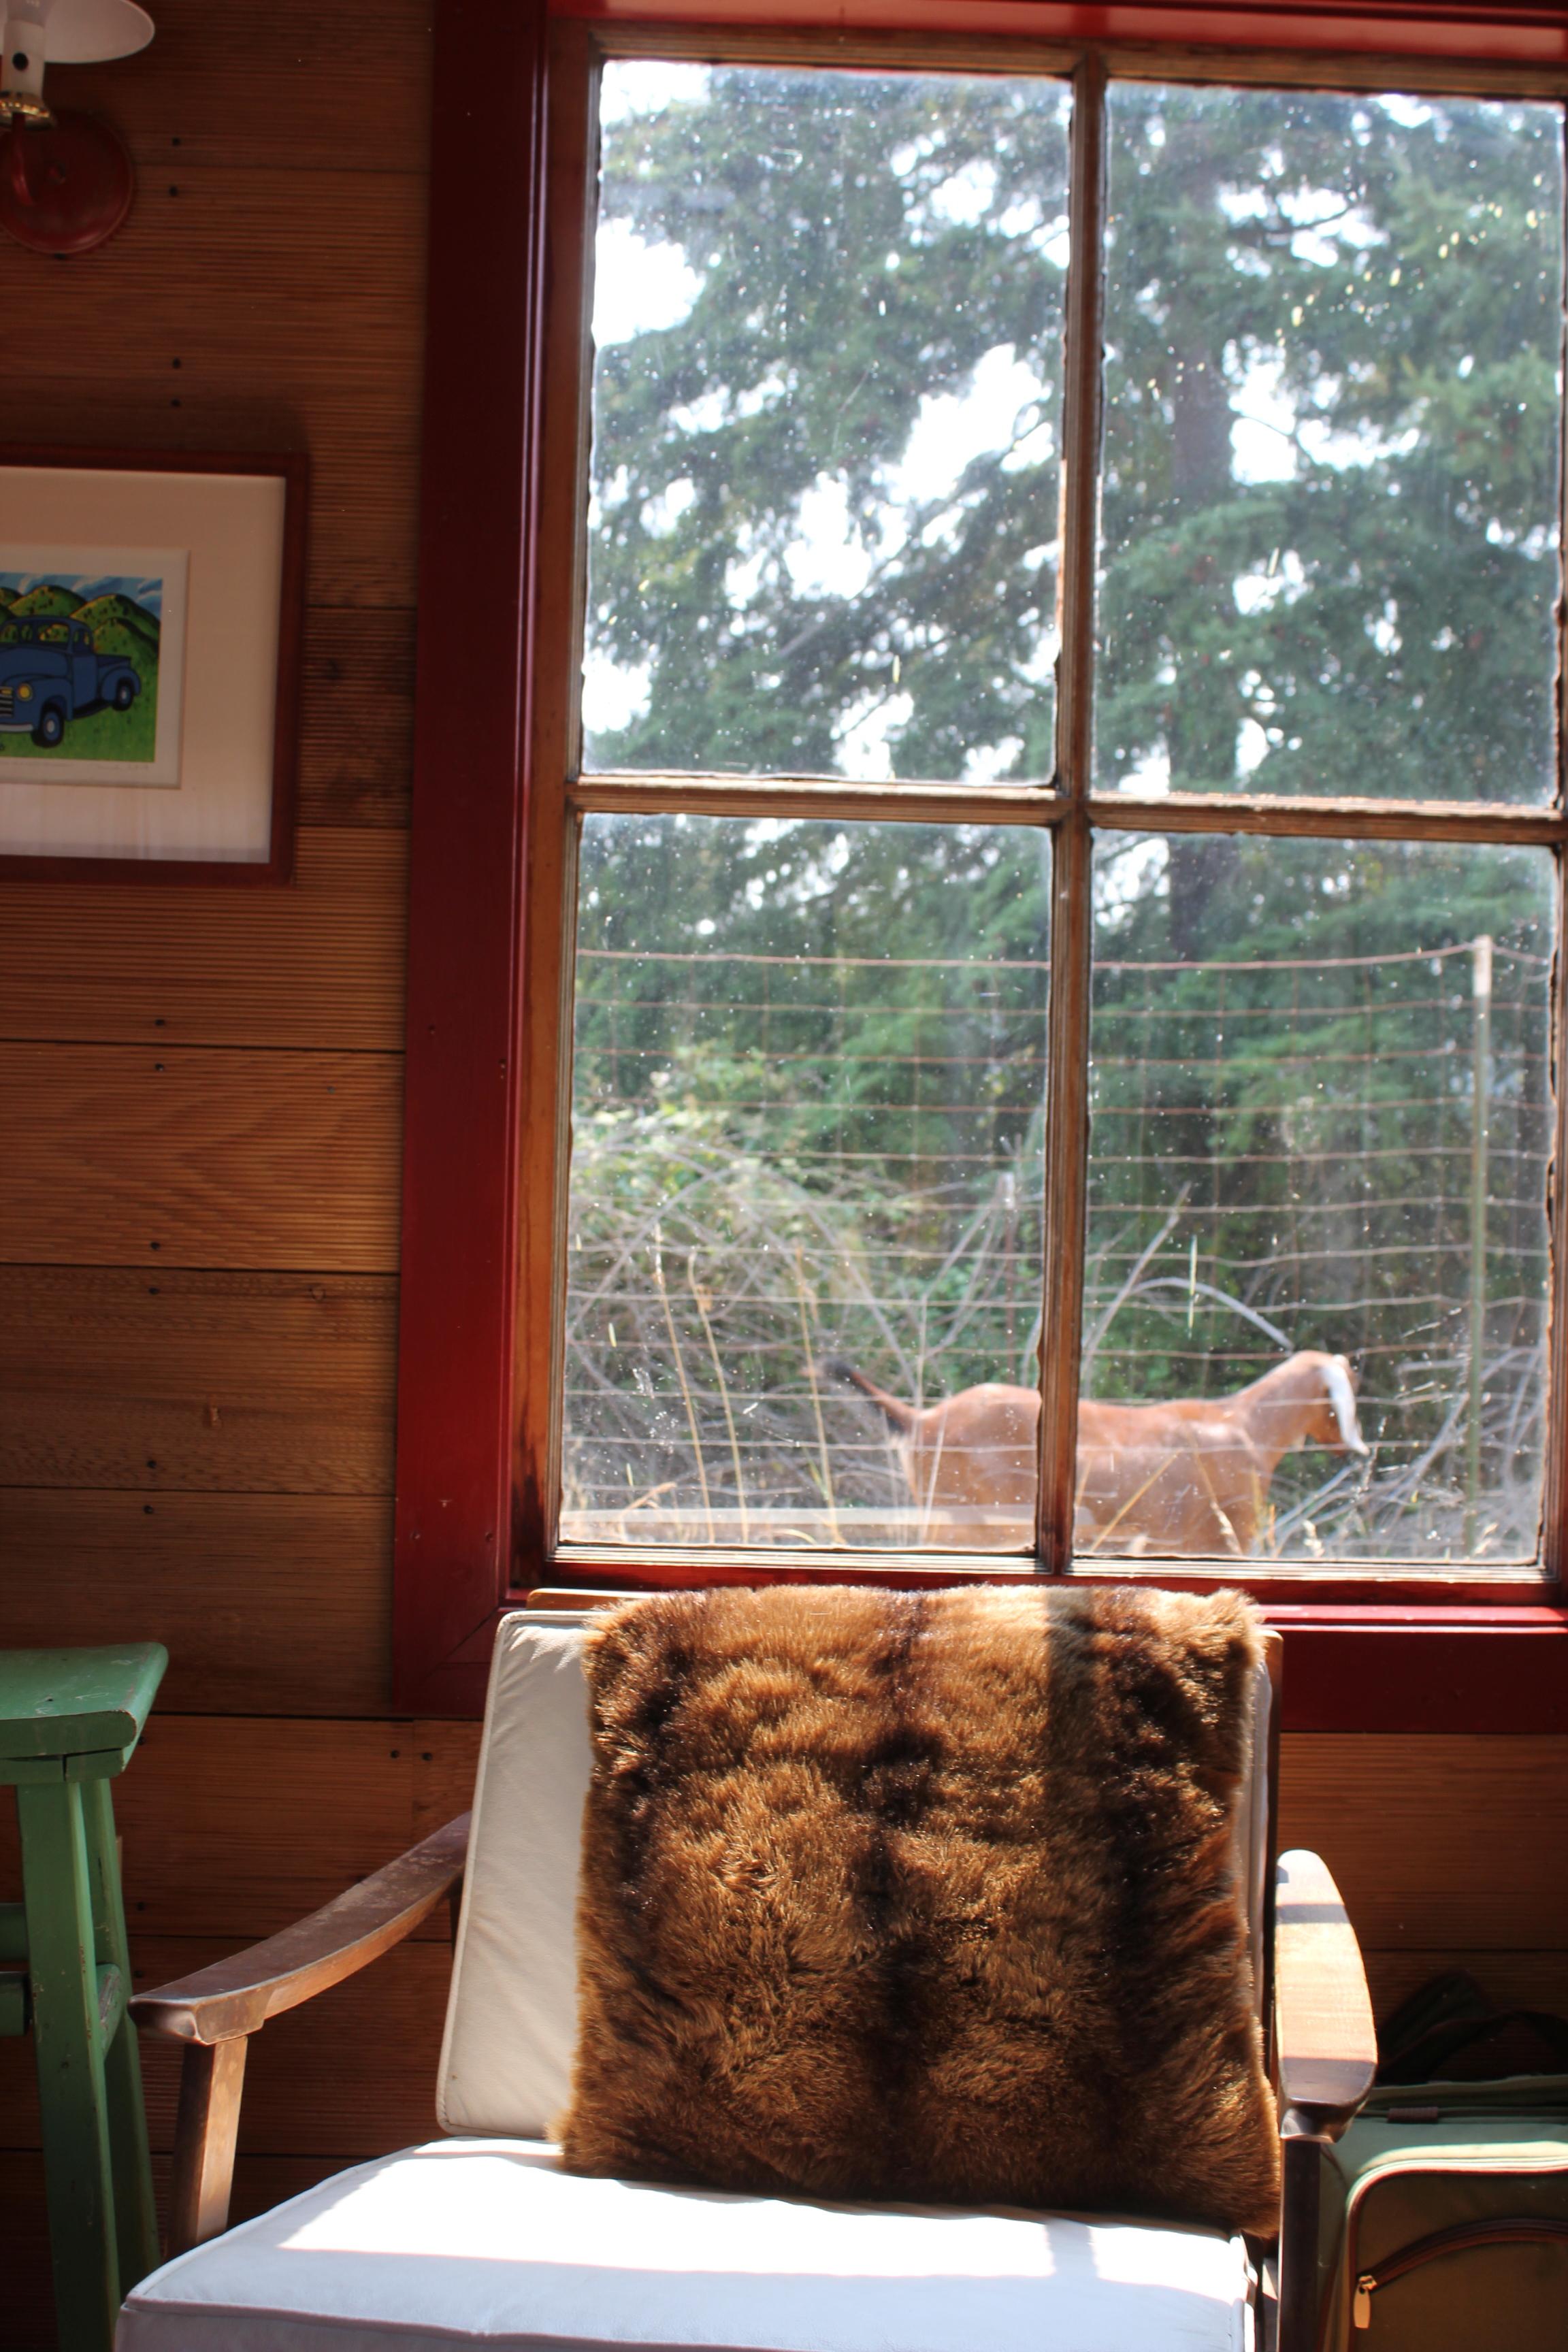 singing frog cabin goat outside the farm window.JPG